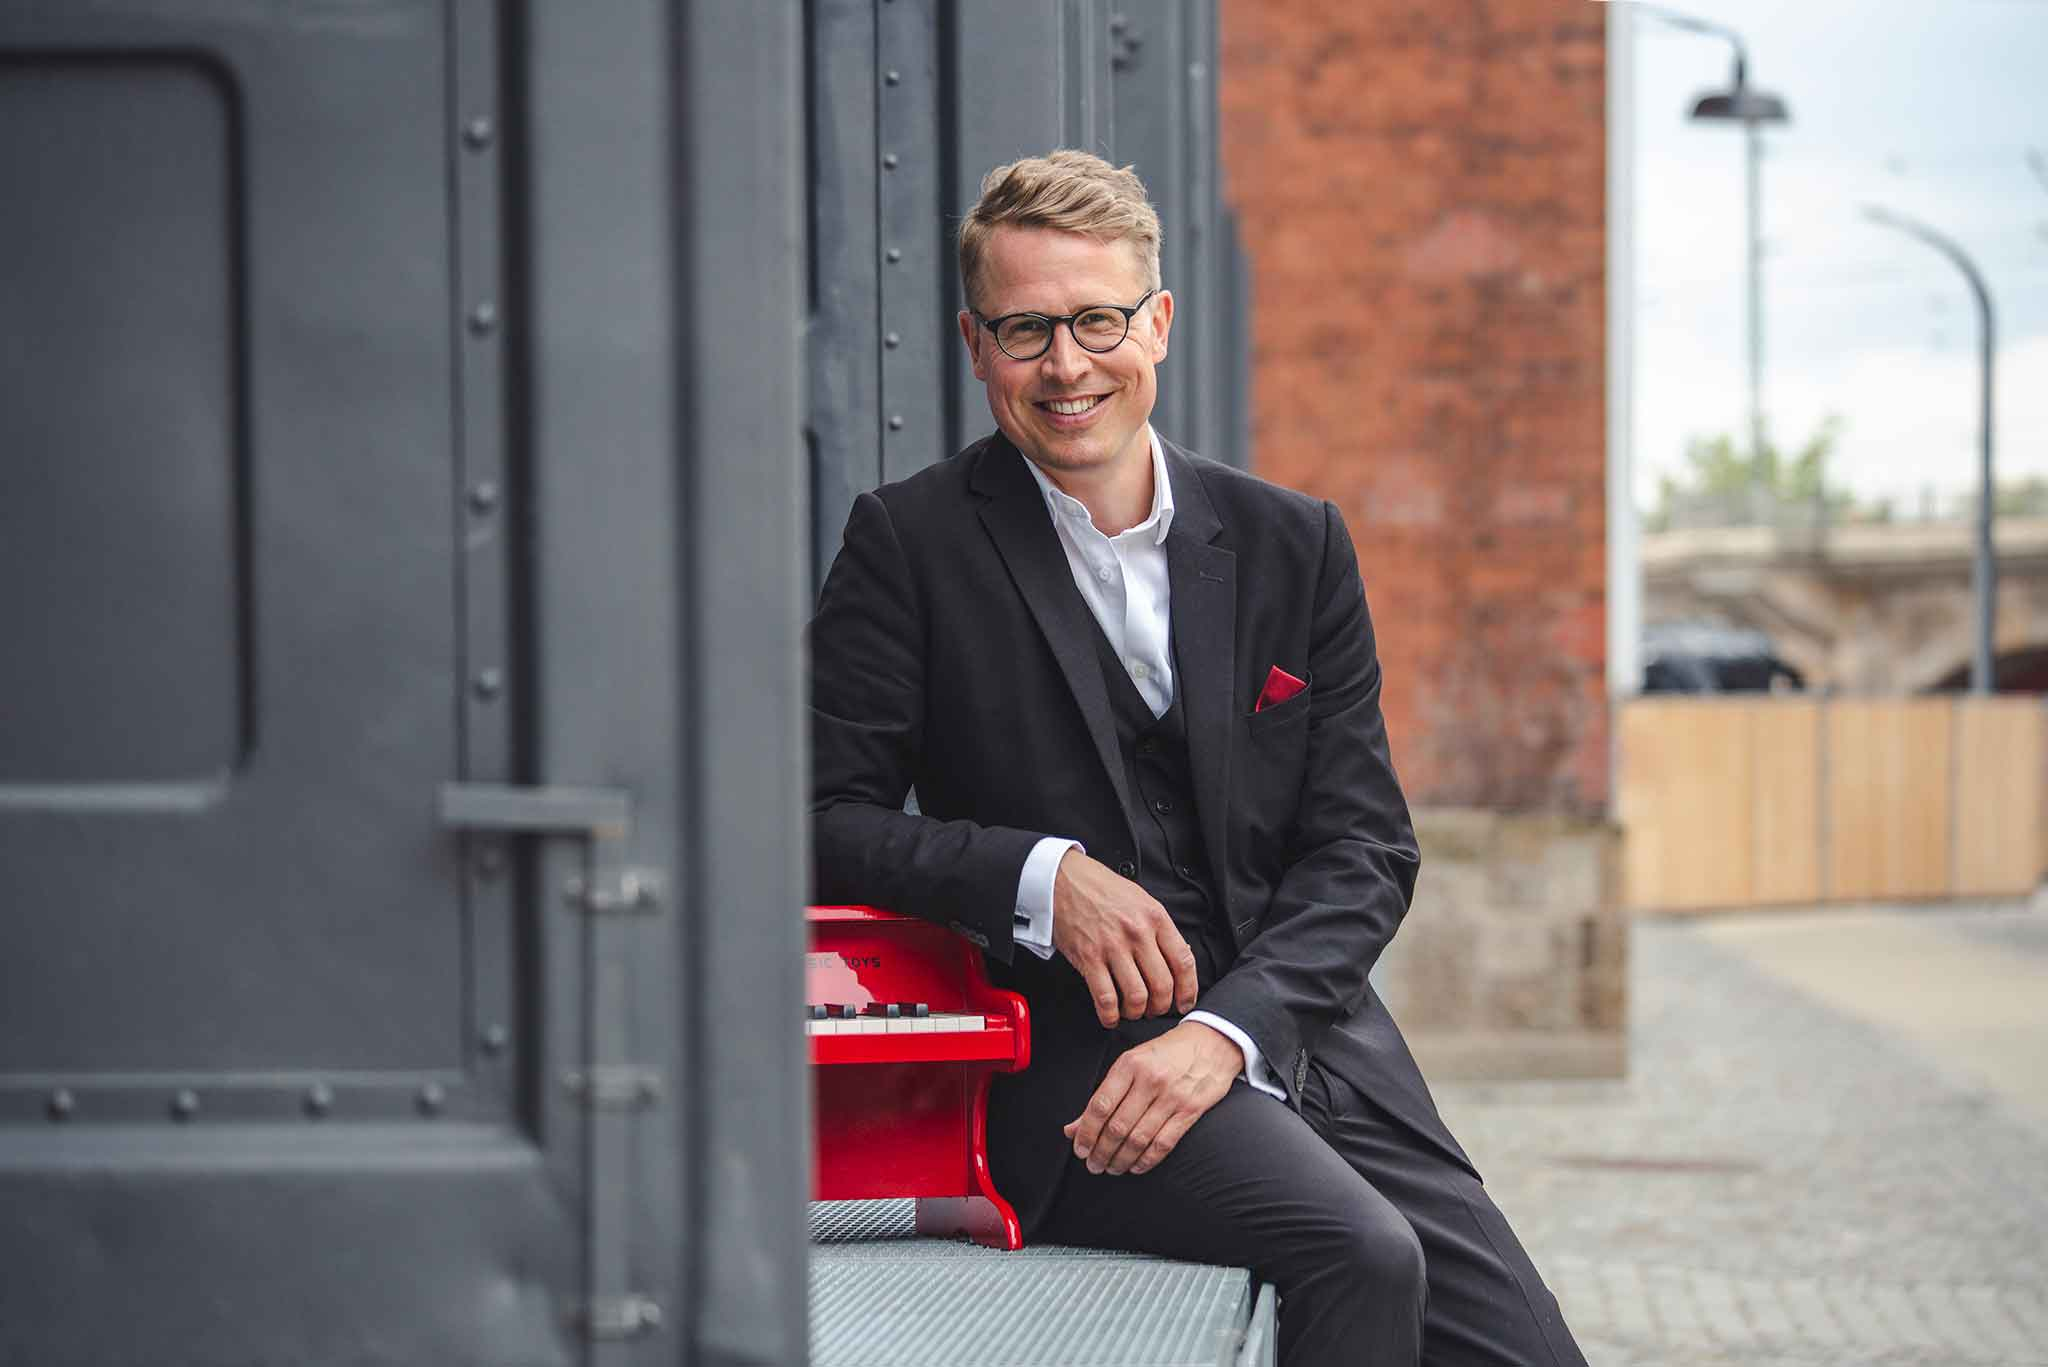 Der Klavierspieler Moritz Töpfer sitzt und stützt sich auf einem Klavier ab.